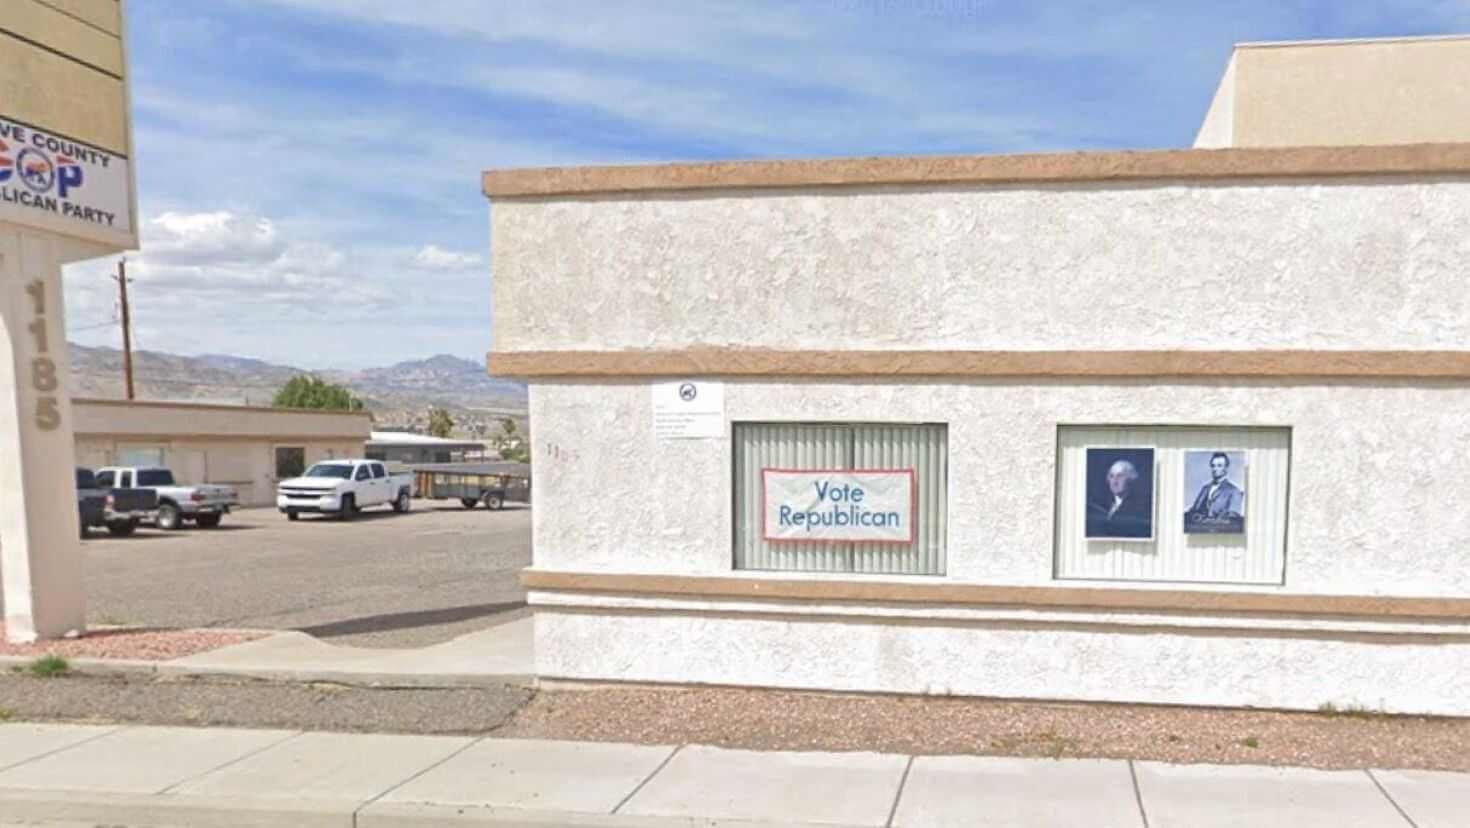 Arizona trumps office on gunshots